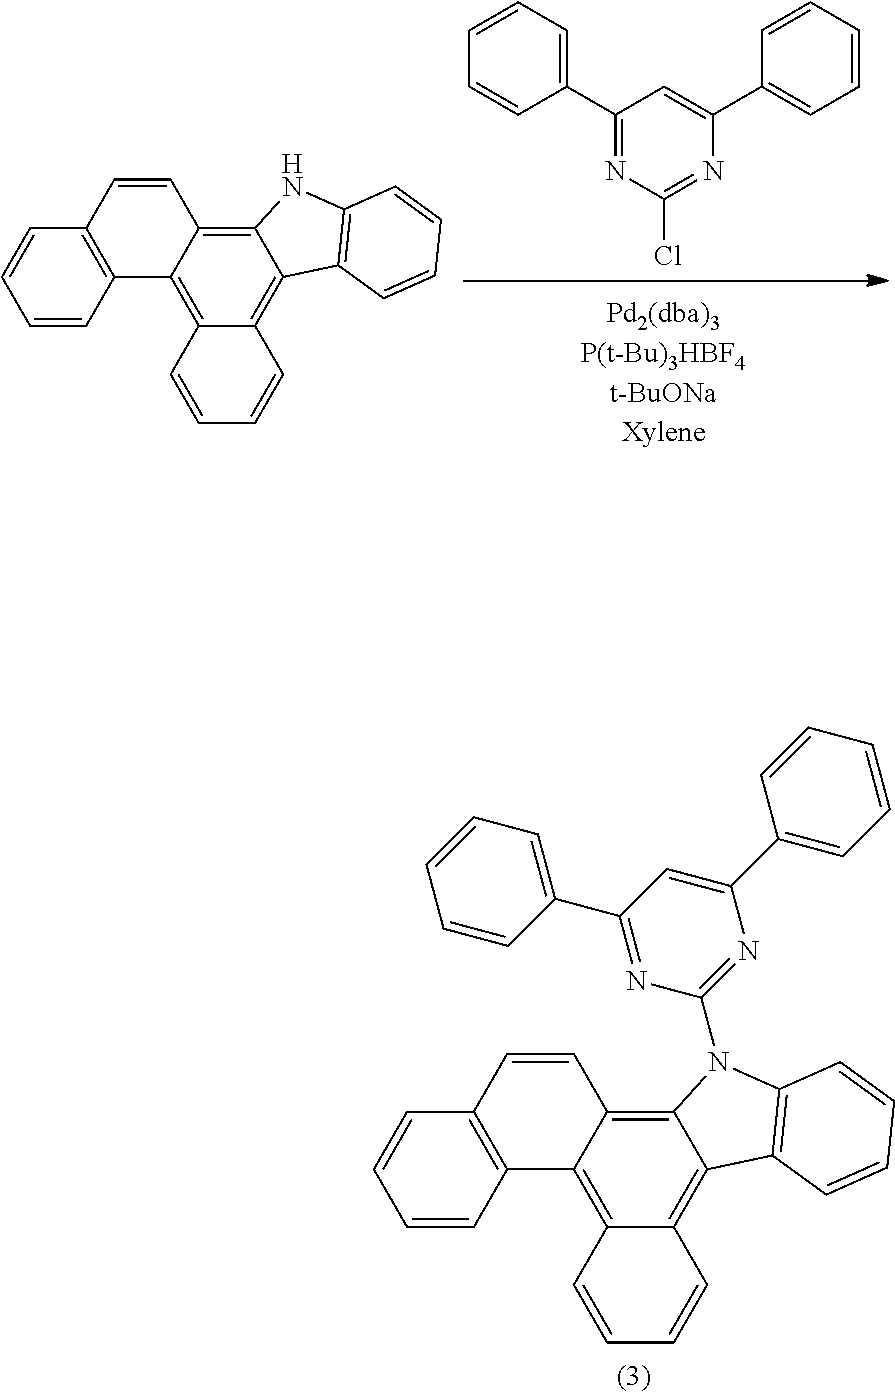 Figure US09837615-20171205-C00141